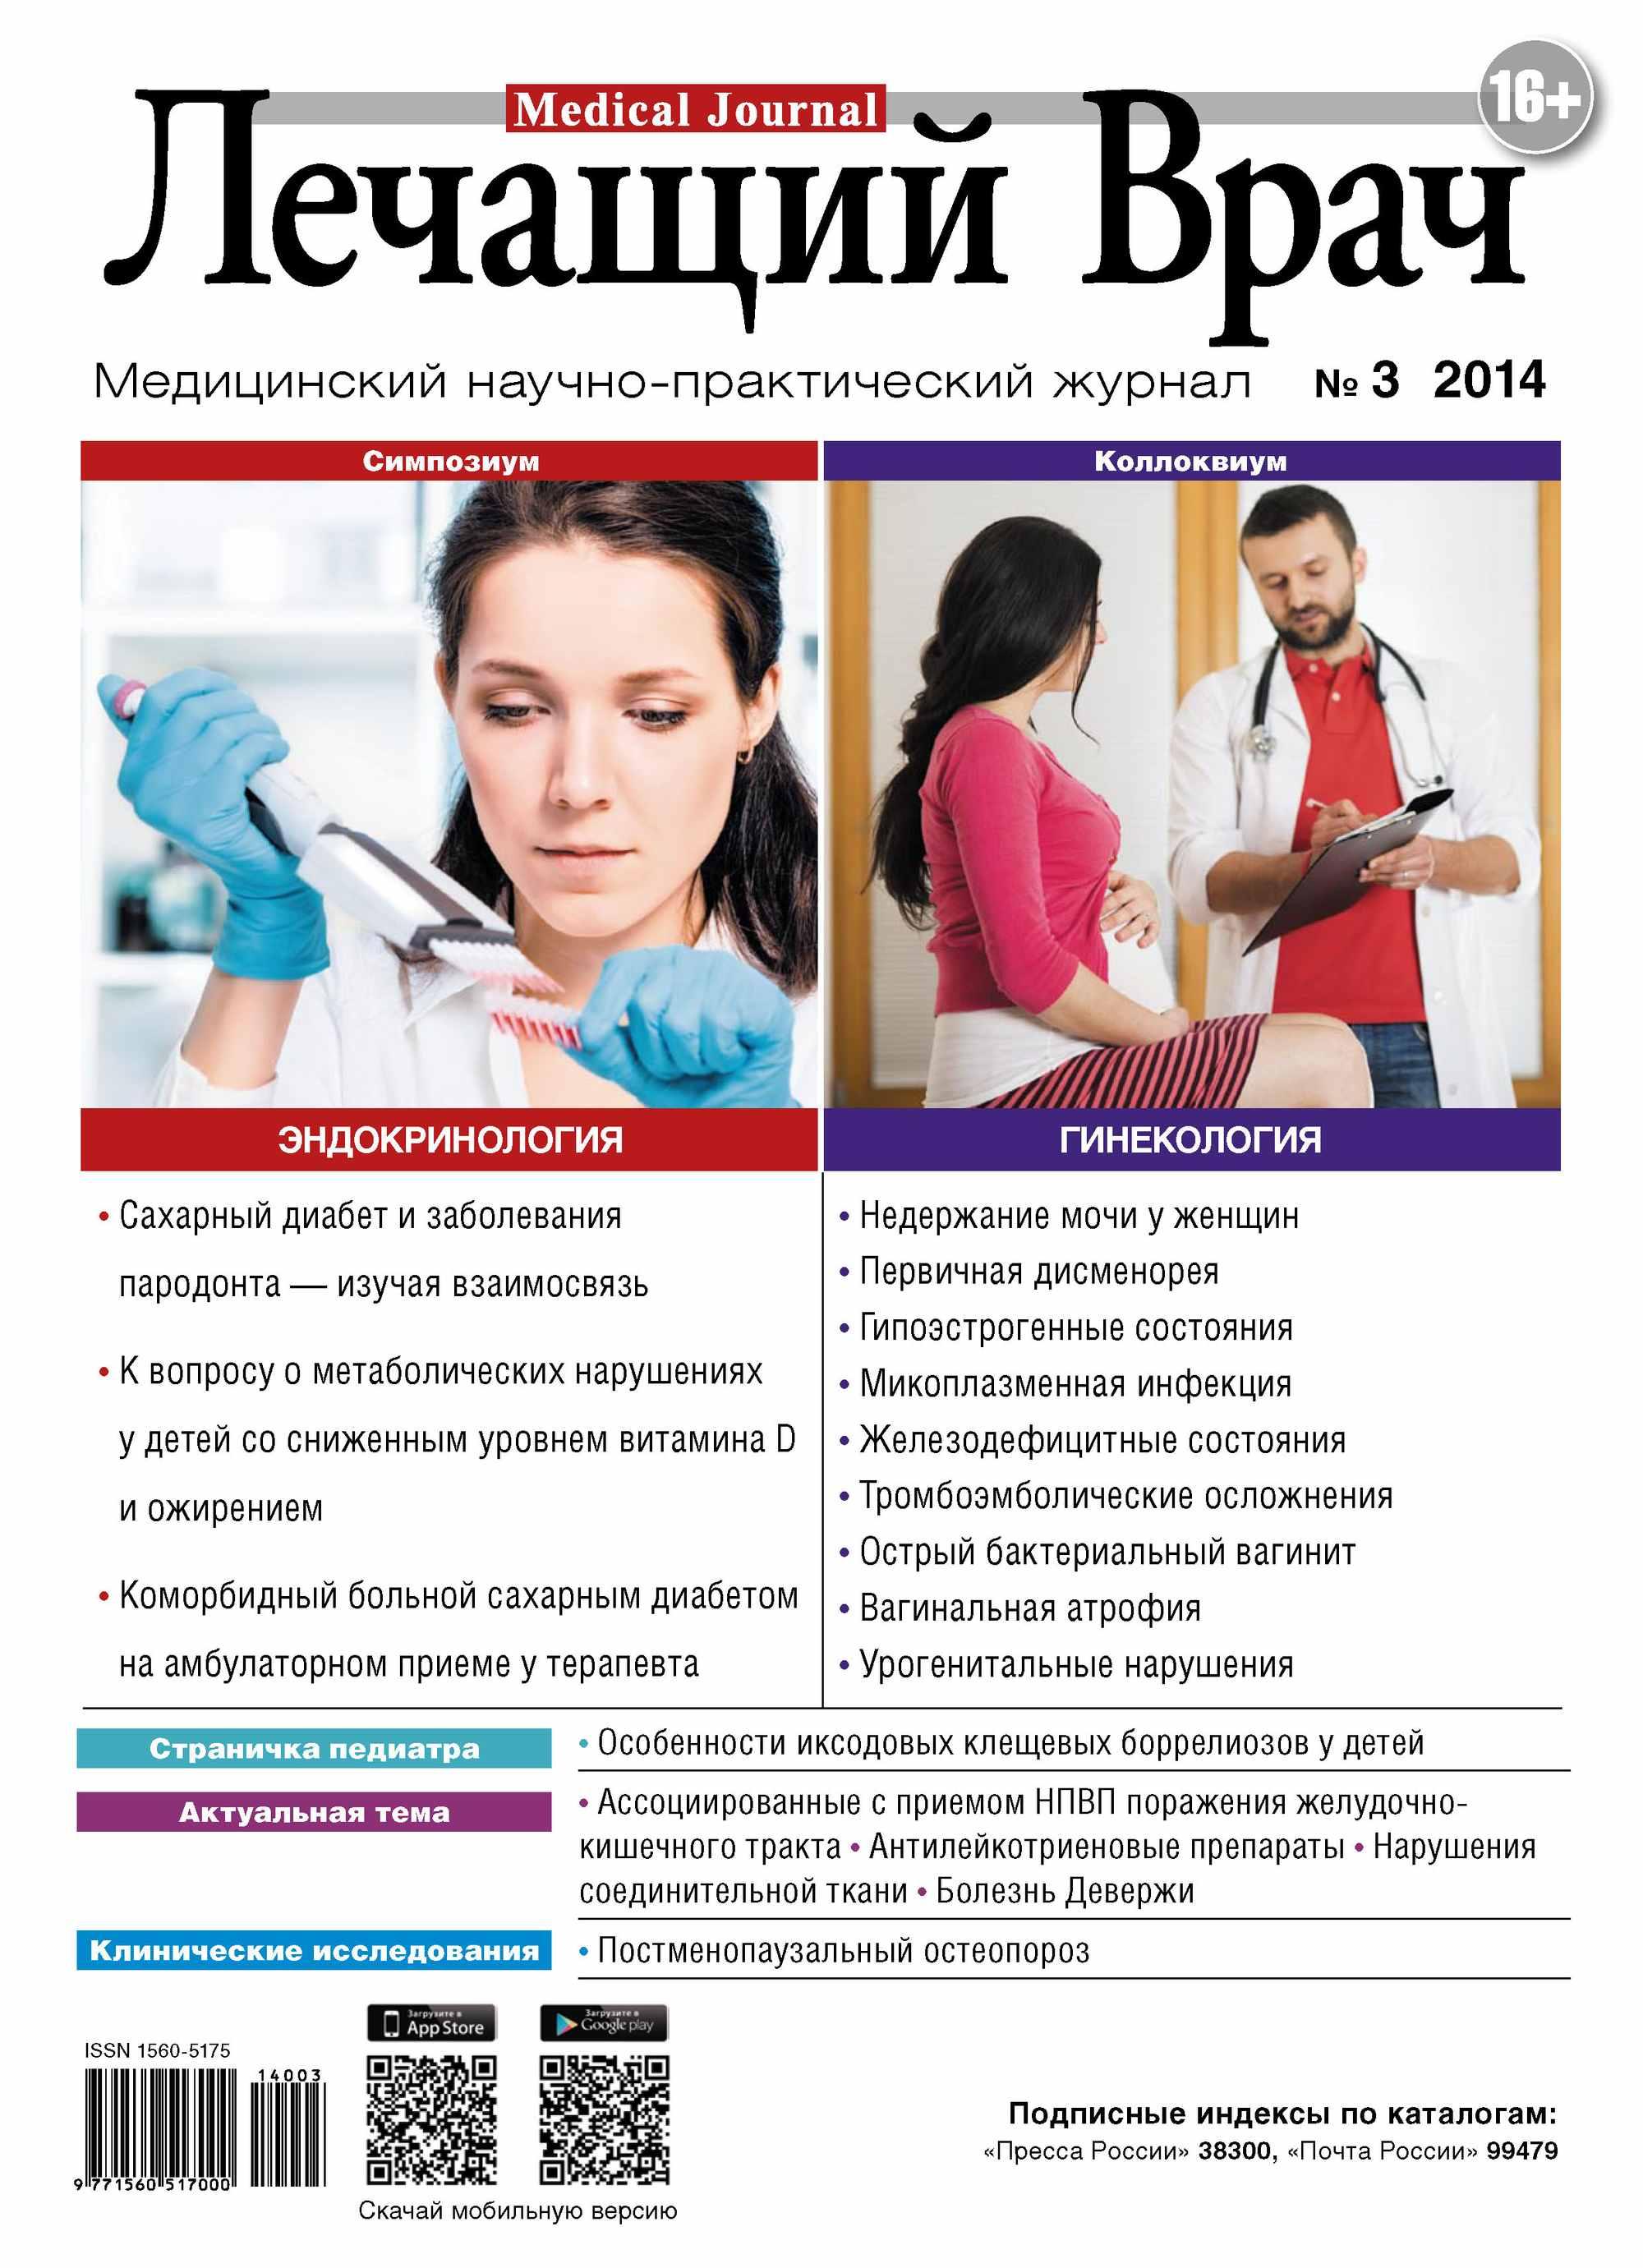 Открытые системы Журнал «Лечащий Врач» №03/2014